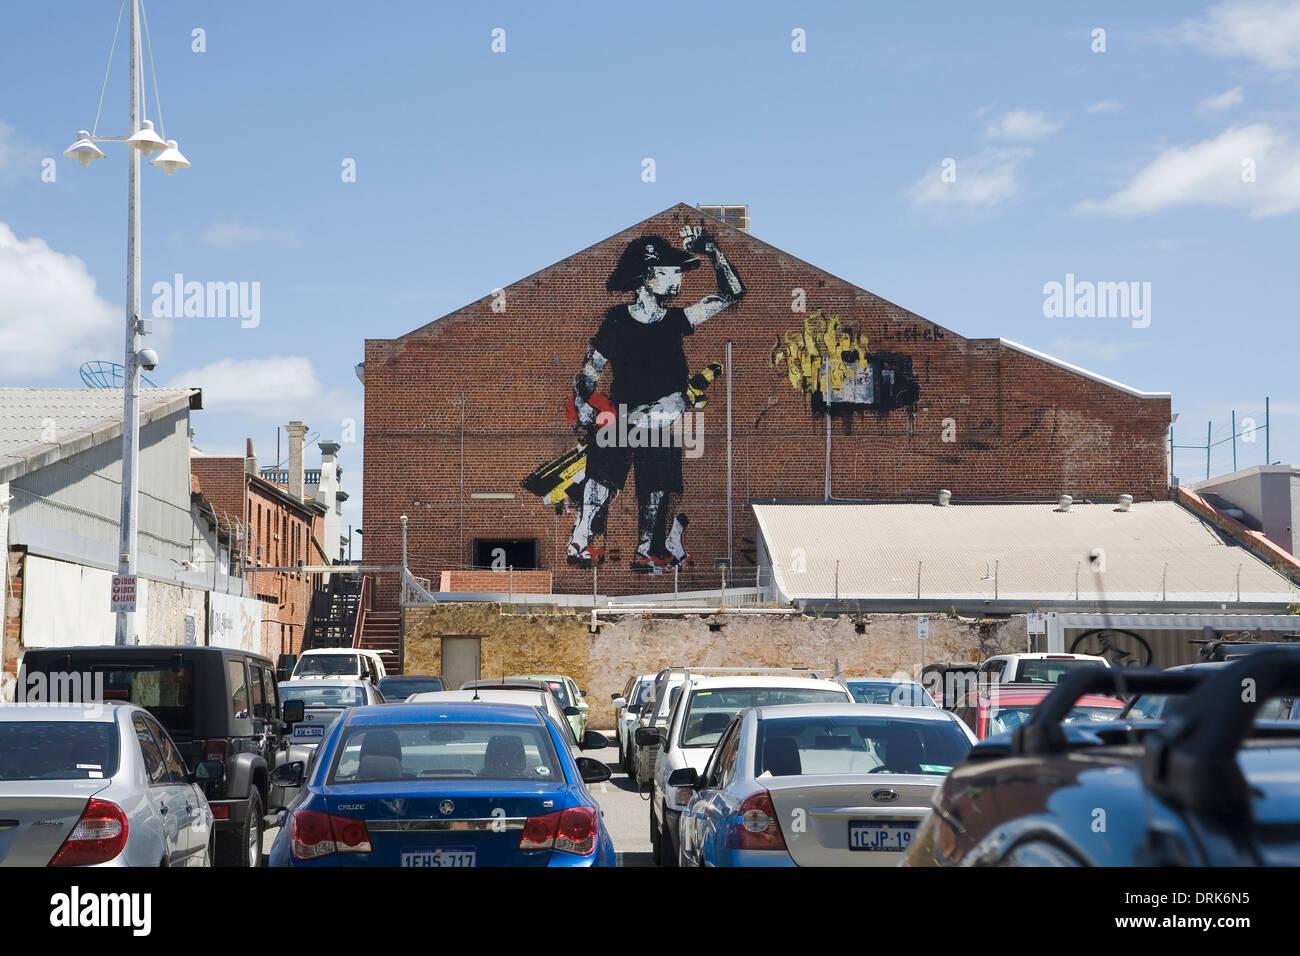 Wandbild oder Graffiti Kunst eines Piraten, an einer Wand in Fremantle, Western Australia. Stockbild